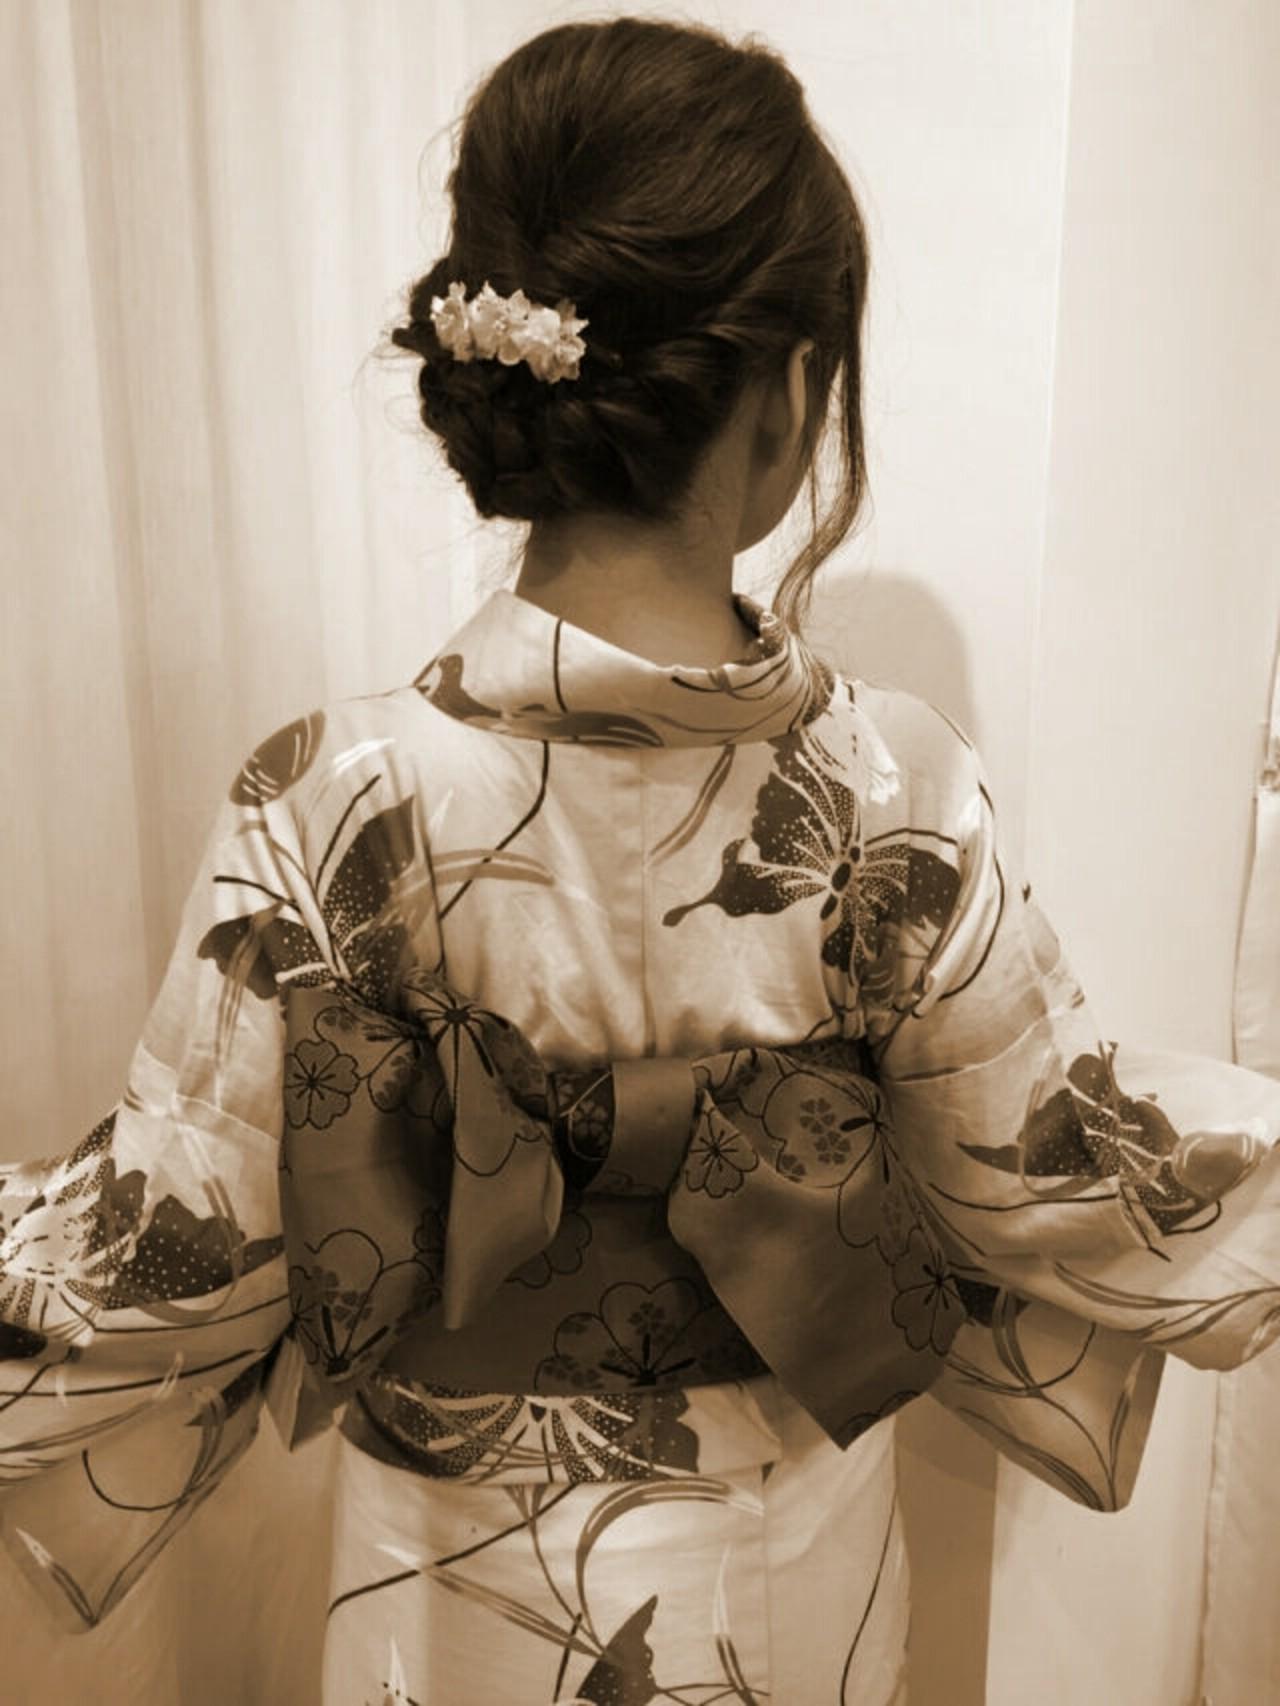 お祭り 花火大会 夏 ゆるふわ ヘアスタイルや髪型の写真・画像 | やす(やすこ) /